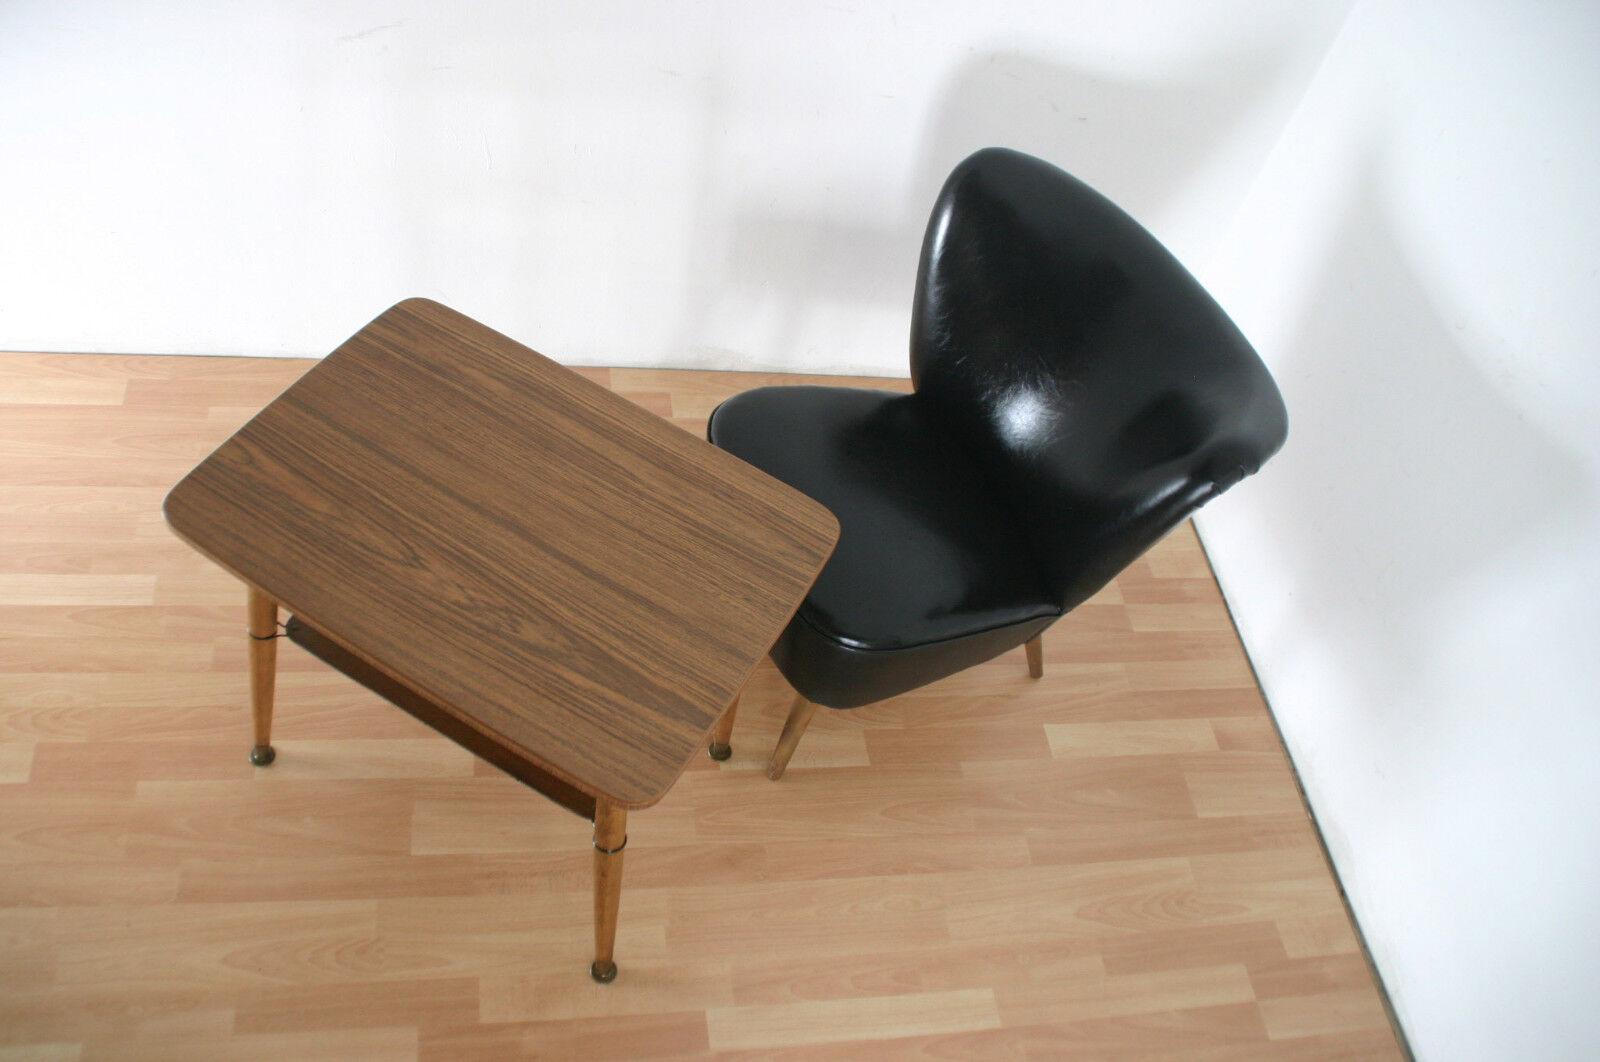 50er 60er jahre tisch nierentisch ra coffee table couchtisch beistell retro eur 69 90. Black Bedroom Furniture Sets. Home Design Ideas